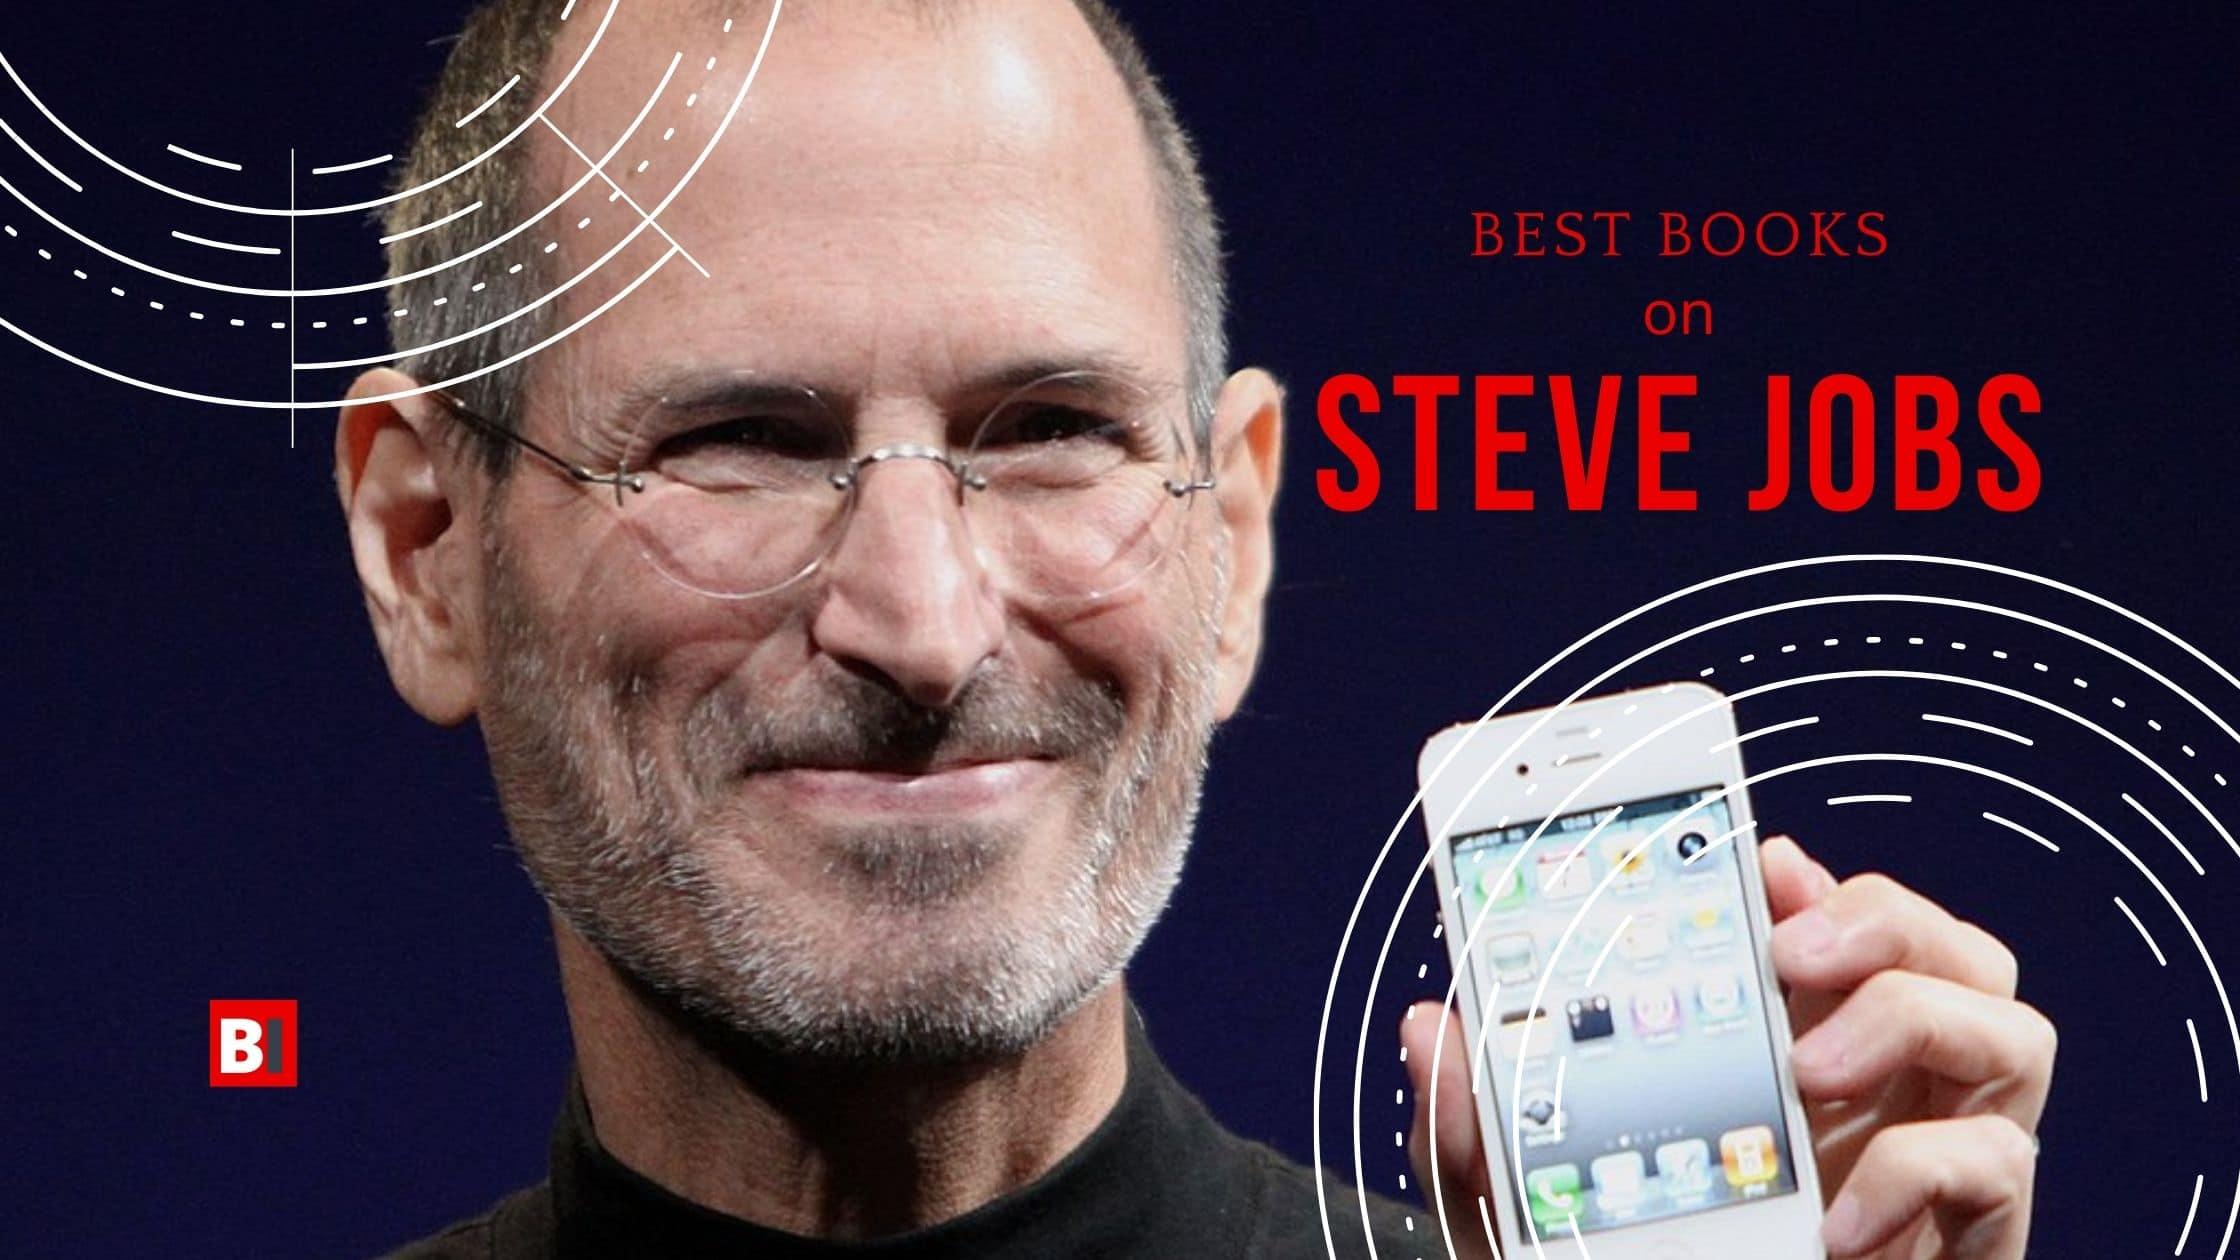 Best Books on Steve Jobs